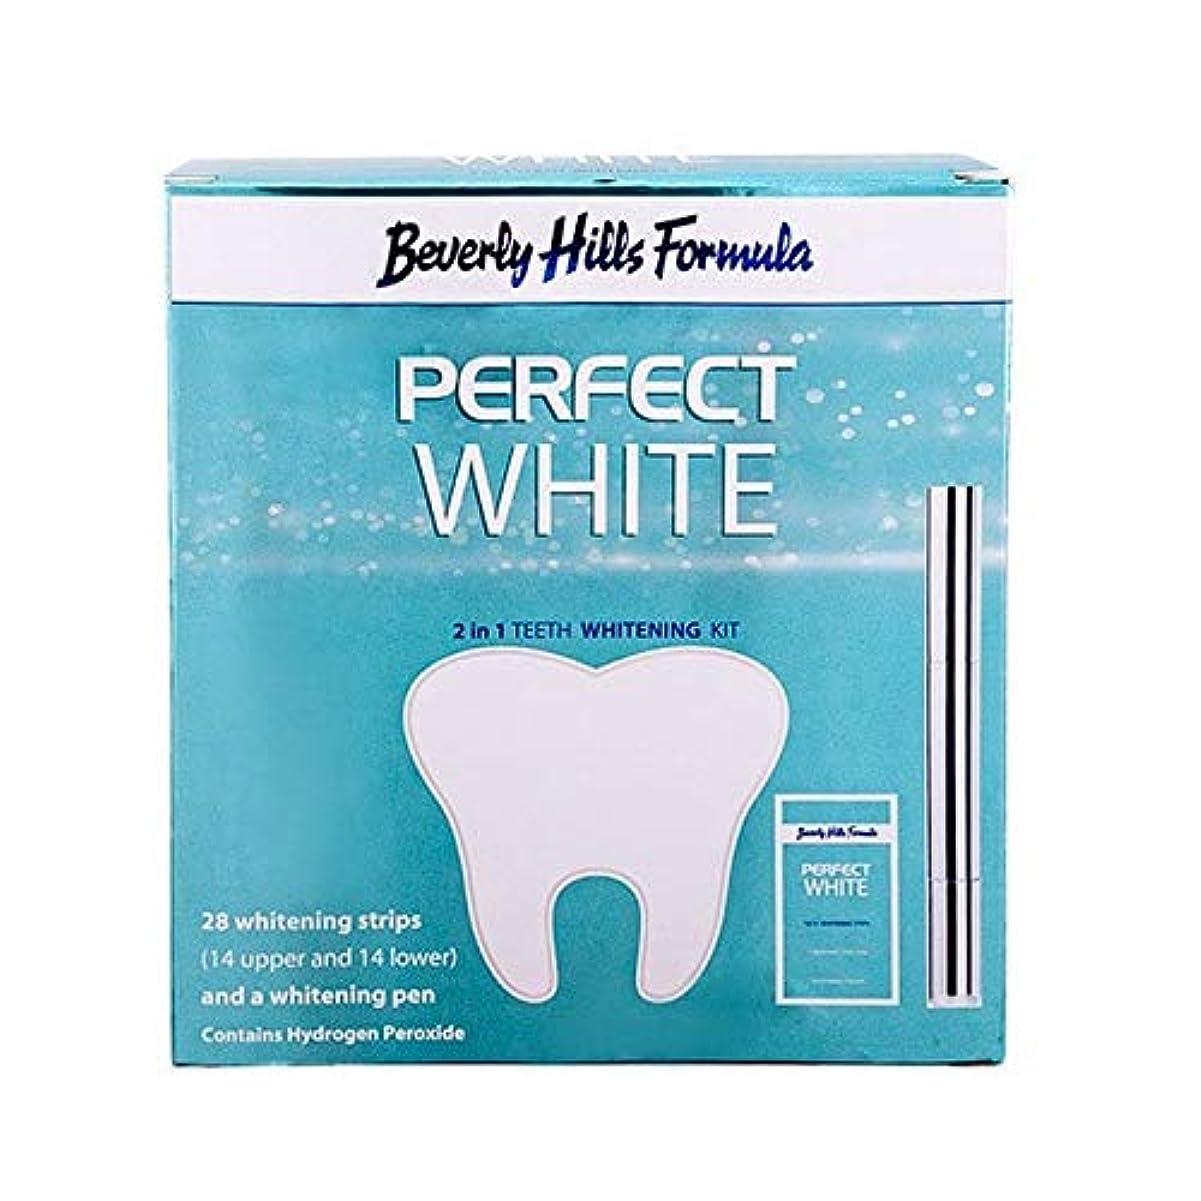 見捨てられたヒョウローン[Beverly Hills ] ビバリーヒルズ公式パーフェクトホワイト2 1でホワイトニングキット - Beverly Hills Formula Perfect White 2 in 1 Whitening kit...